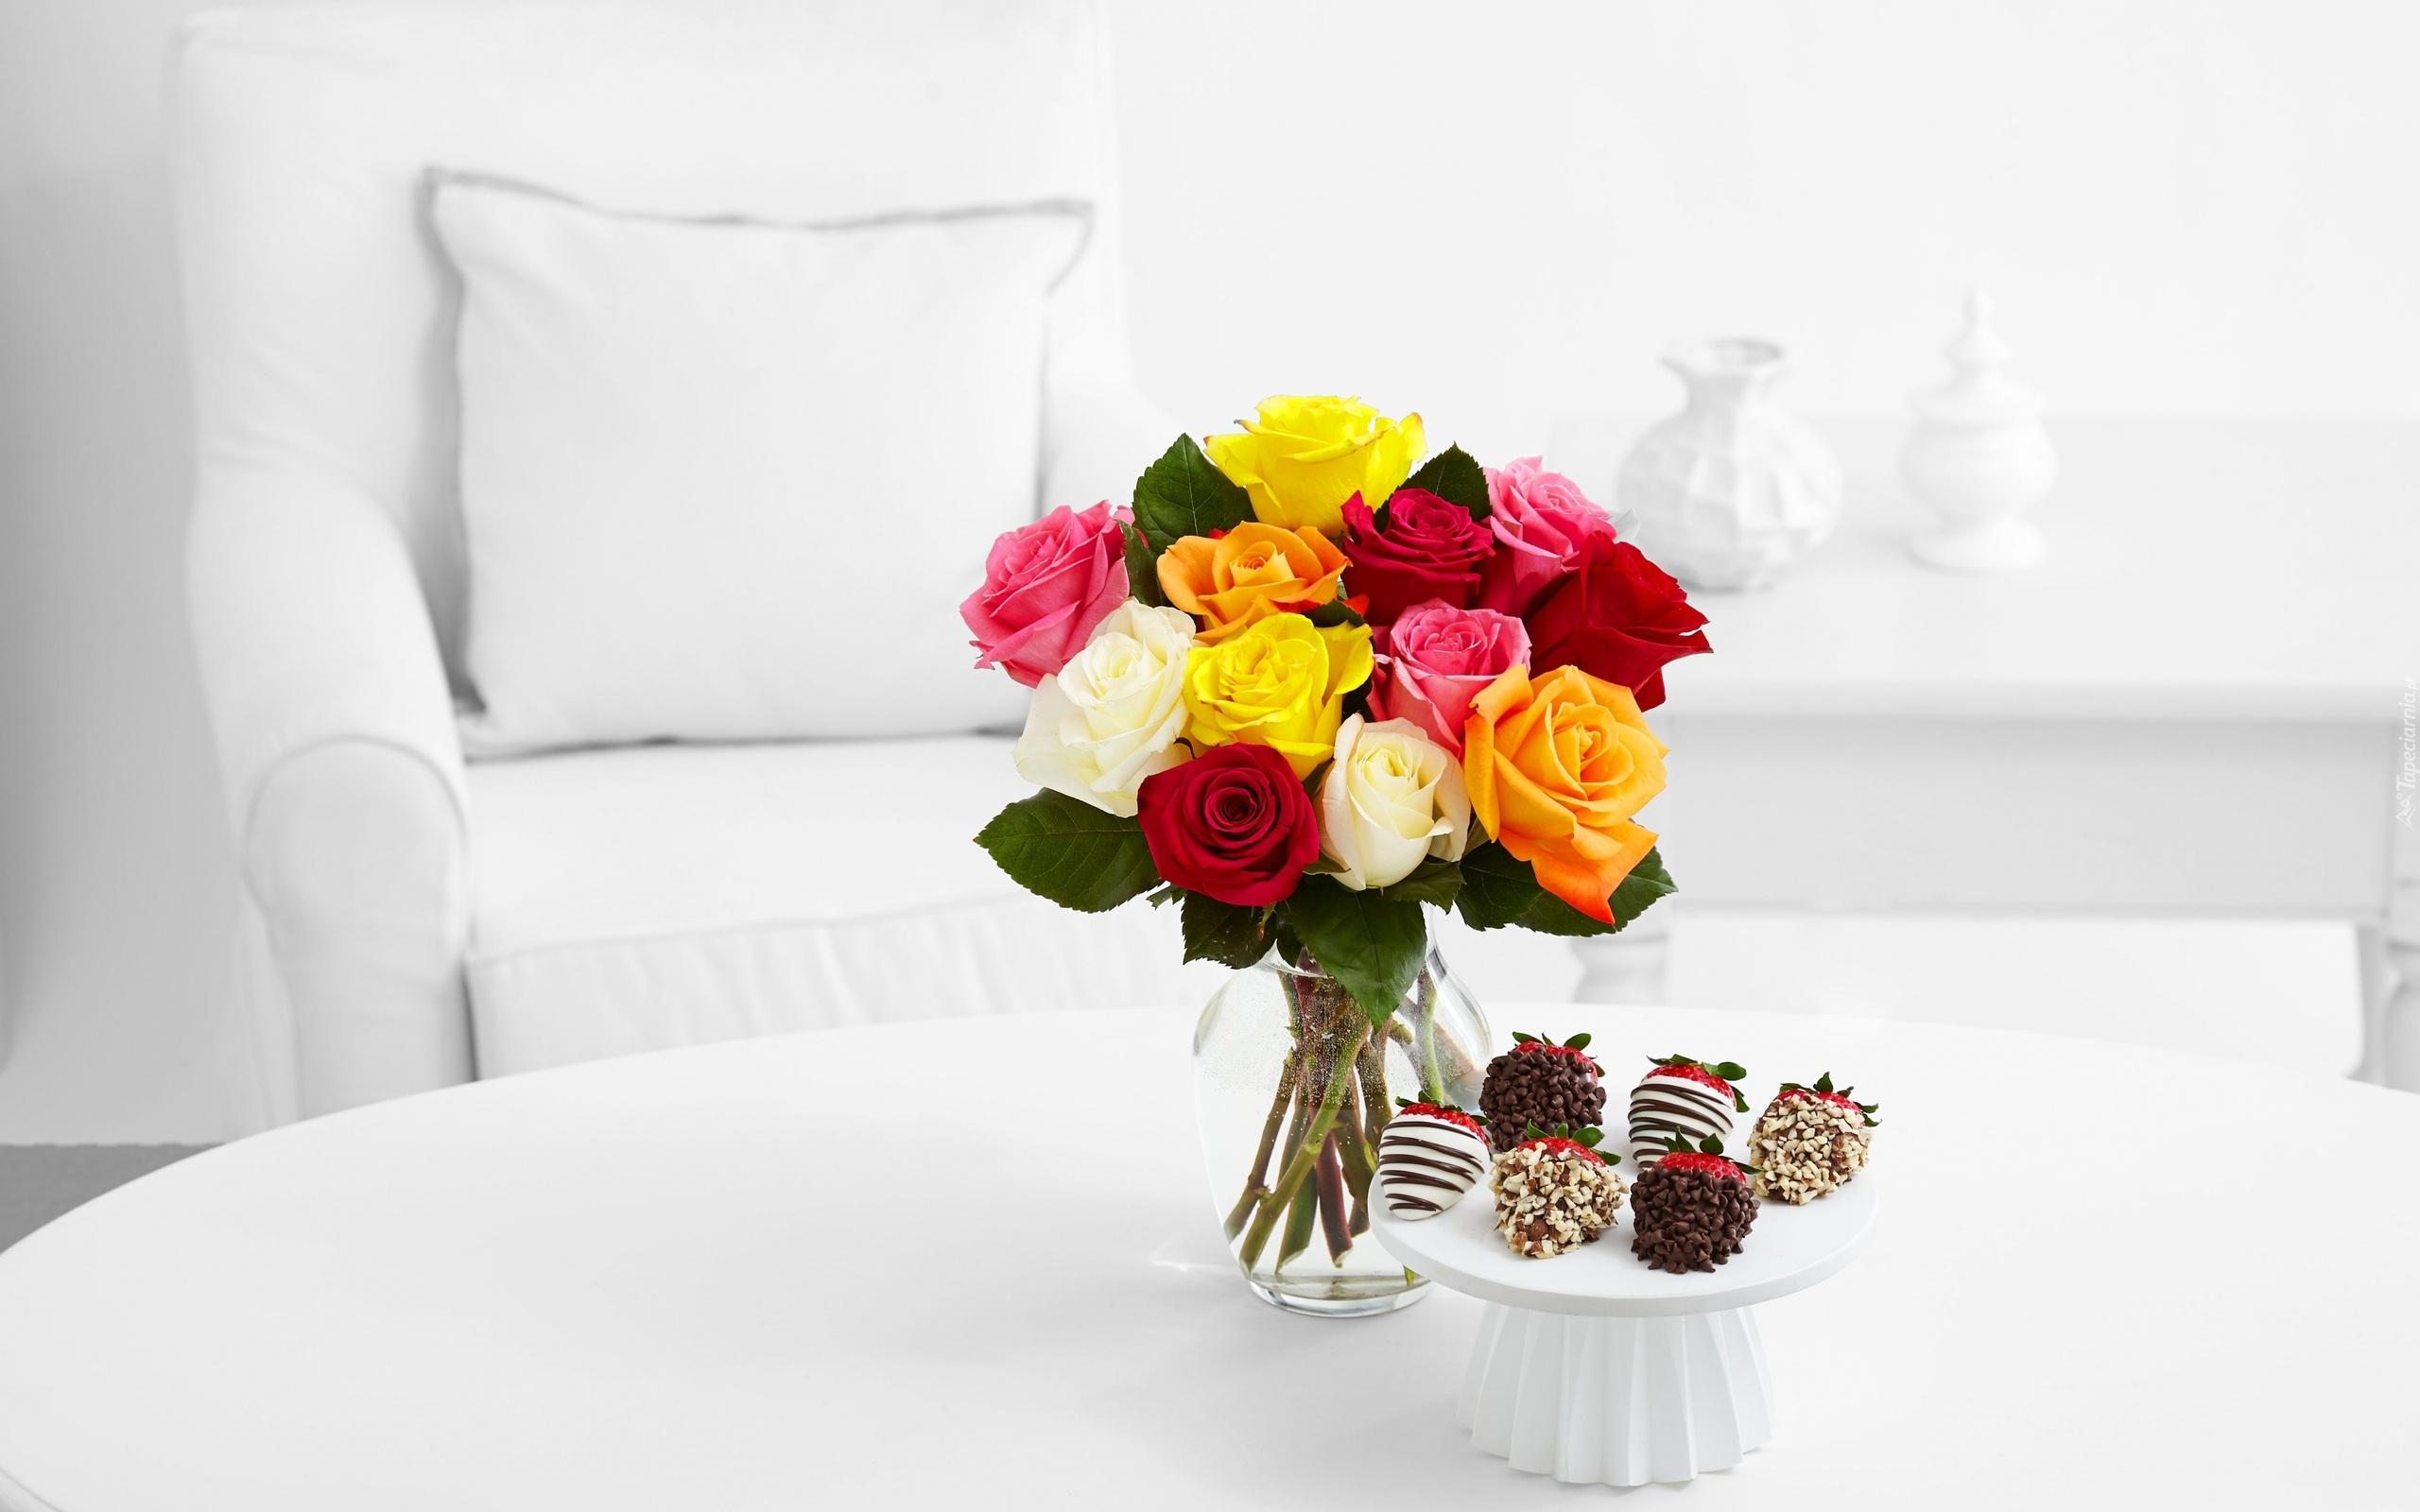 Róże W Wazonie I Patera Truskawek W Czekoladzie Na Stole